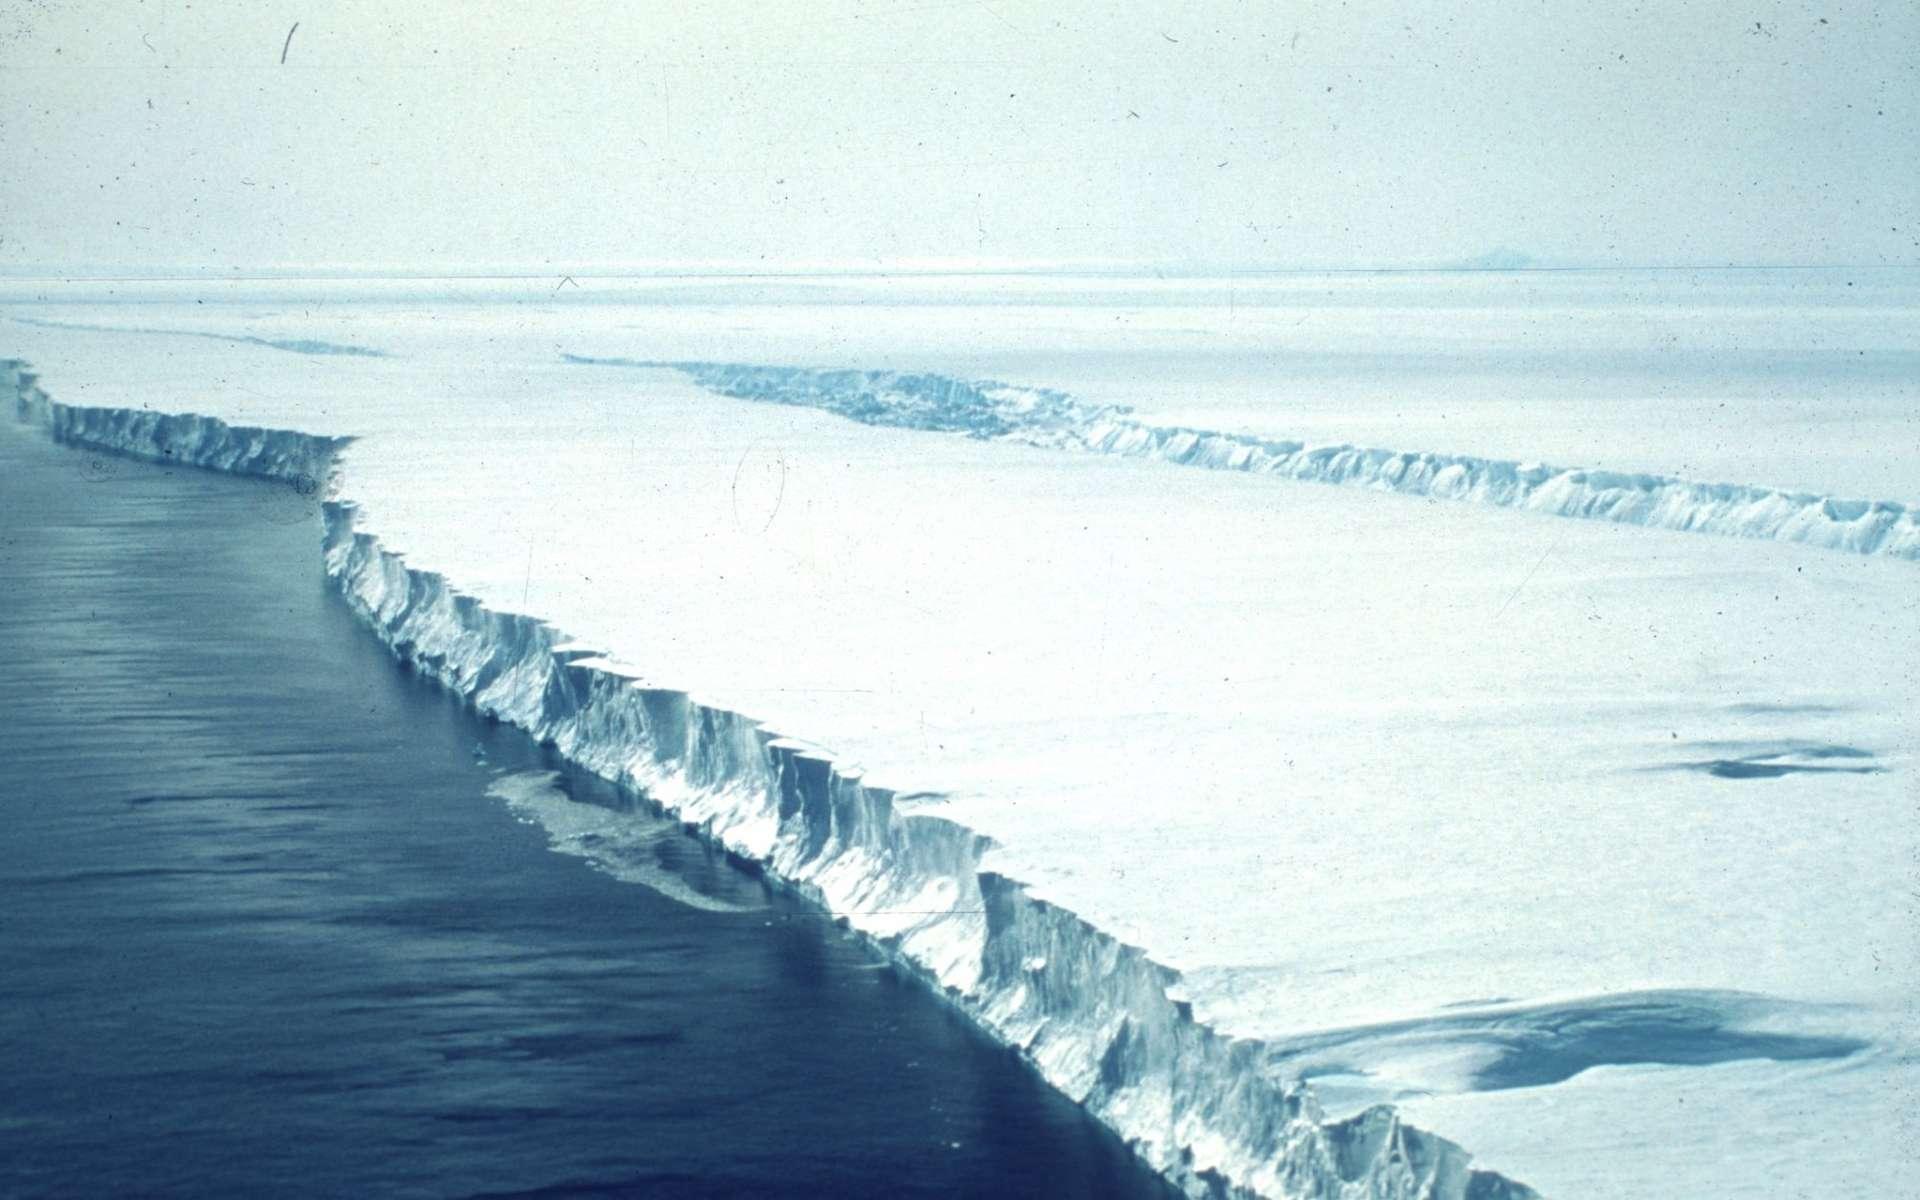 Dislocation d'une plateforme glaciaire en Antarctique. De telles couches de glace flottent sur l'océan au débouché de grands glaciers et en réduisent la vitesse d'écoulement. Quand une telle plateforme se disloque, le glacier qu'elle freinait s'écoule plus rapidement et le front de glace se brise plus facilement, libérant de nombreux icebergs. © Scott Polar Research Institute